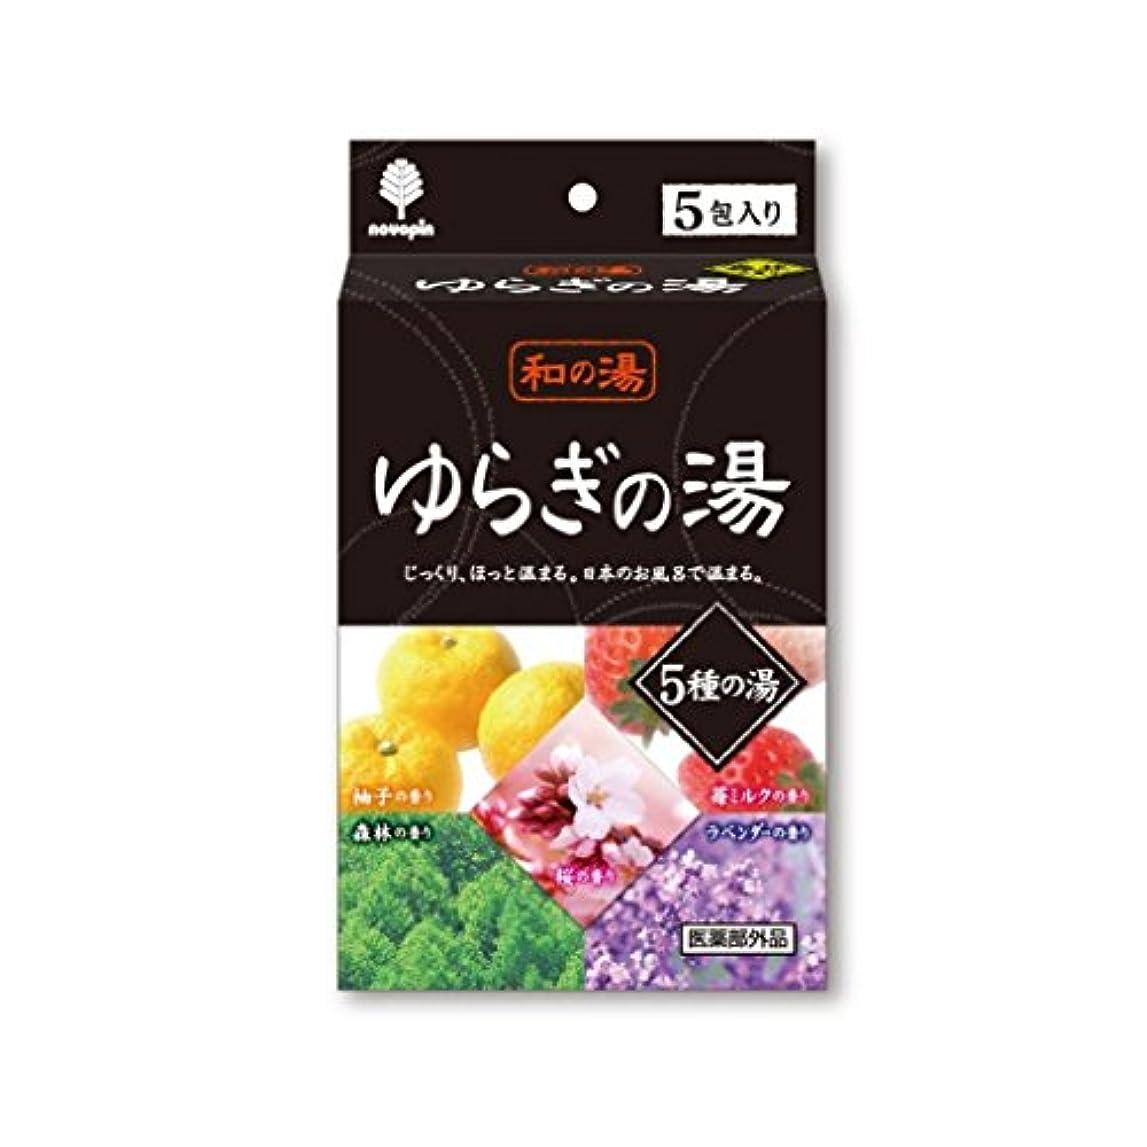 スタジアムマーキング拒絶する紀陽除虫菊 日本製 Japan 和の湯 ゆらぎの湯 5種の湯 25g×5包入 【まとめ買い10個セット】